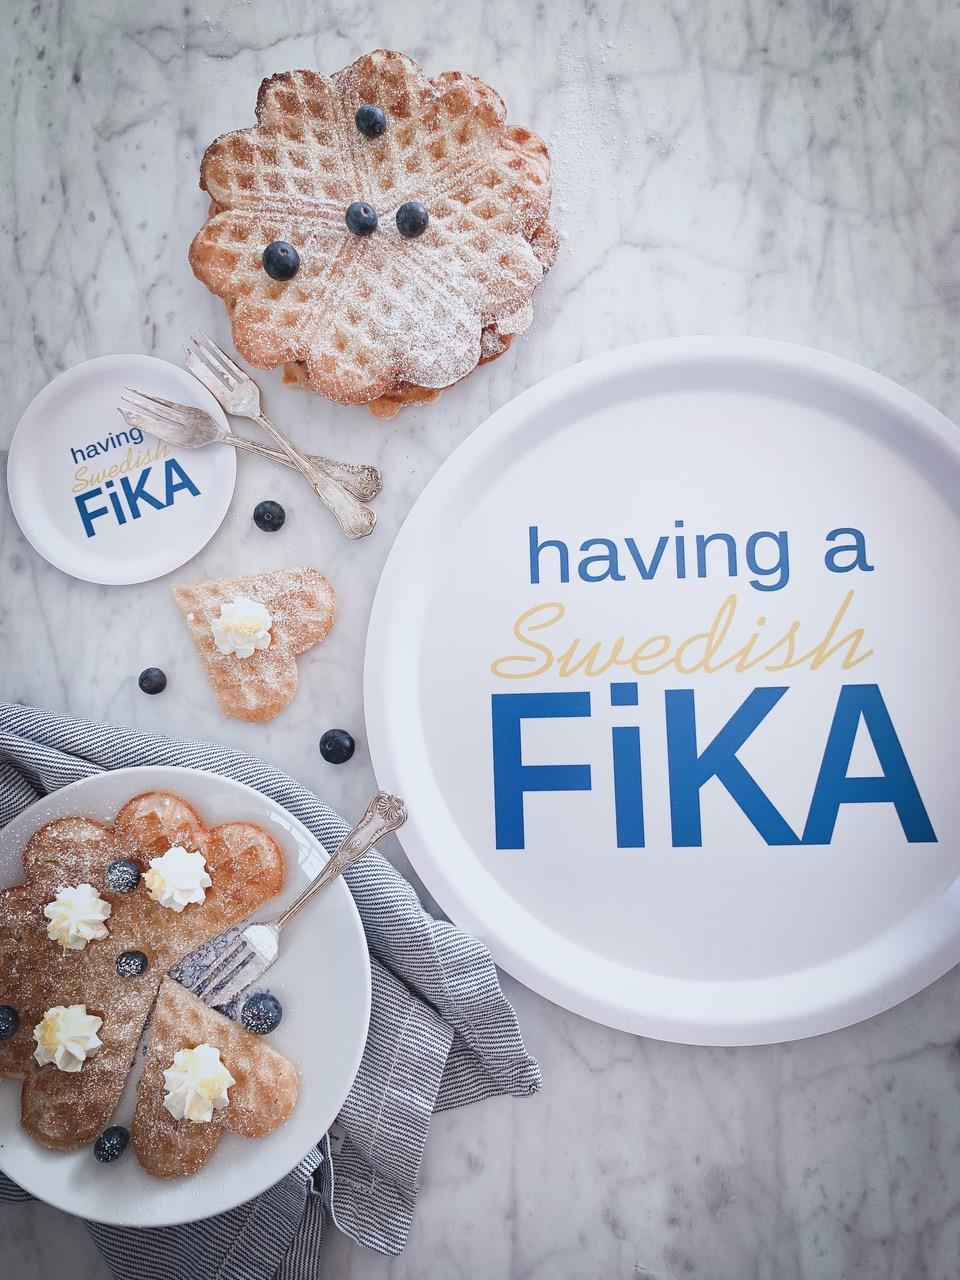 Glasunderlägg kant, Swedish Fika, vit/blå-gul text